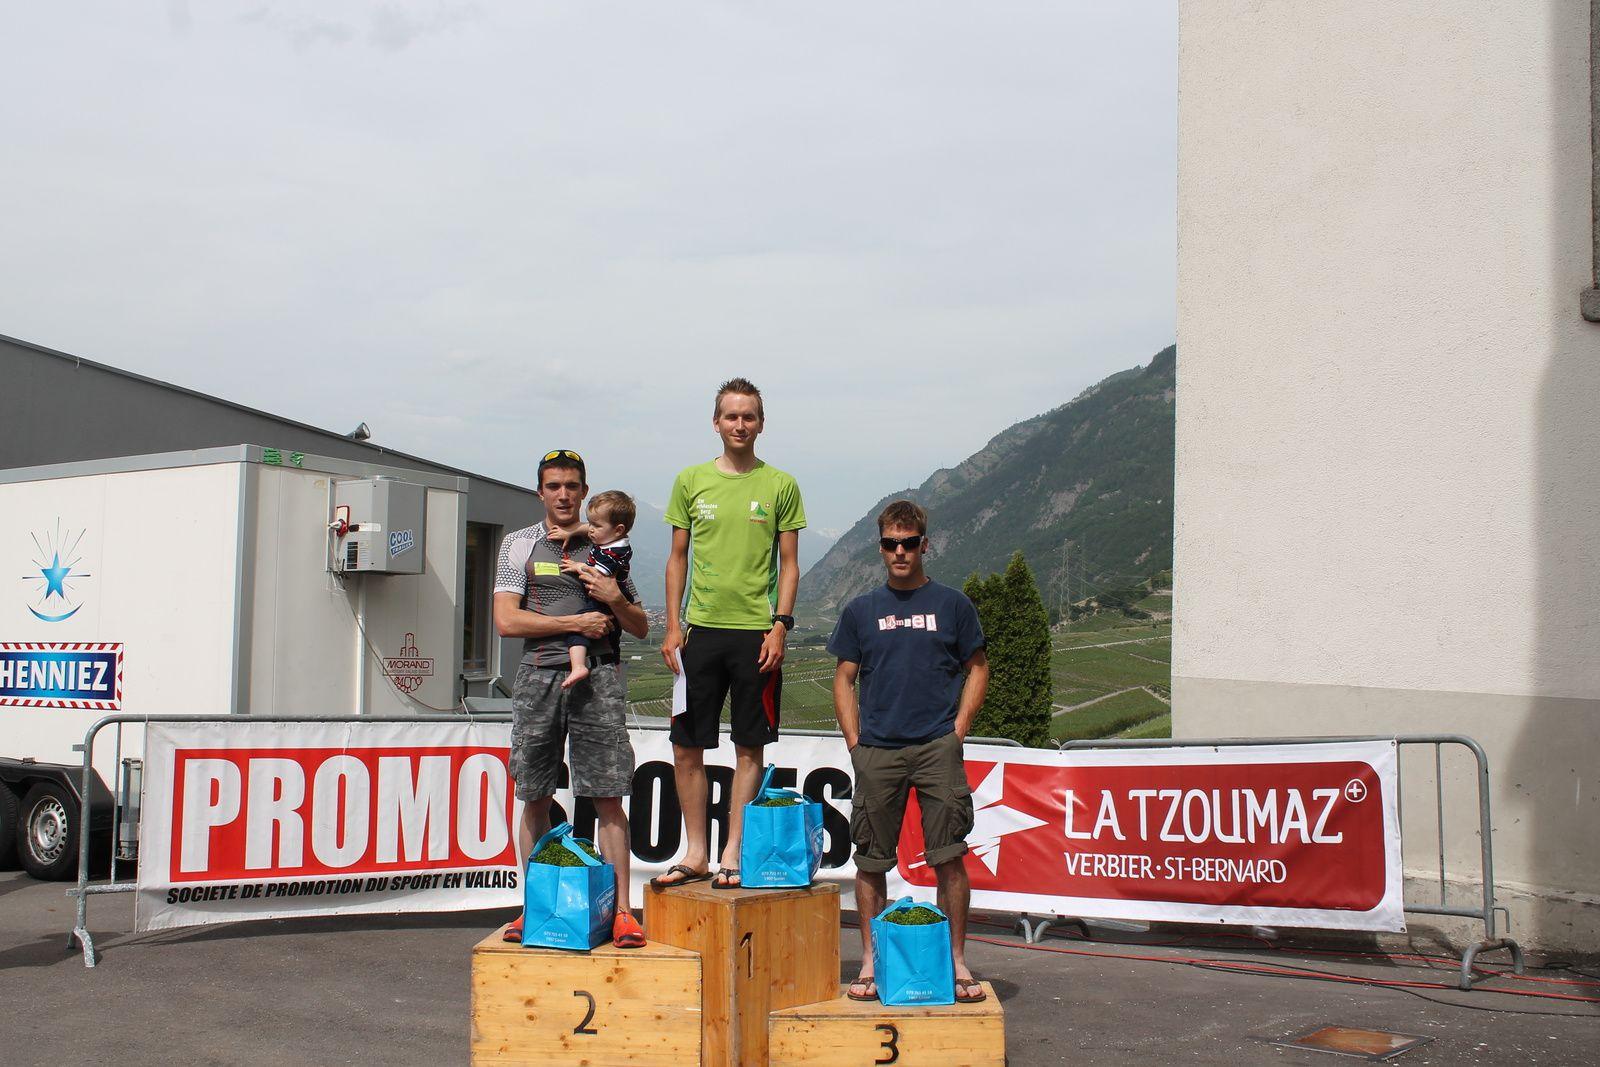 Le podium des hommes avec, de g. à dr., Nançoz, Janin, Jordan